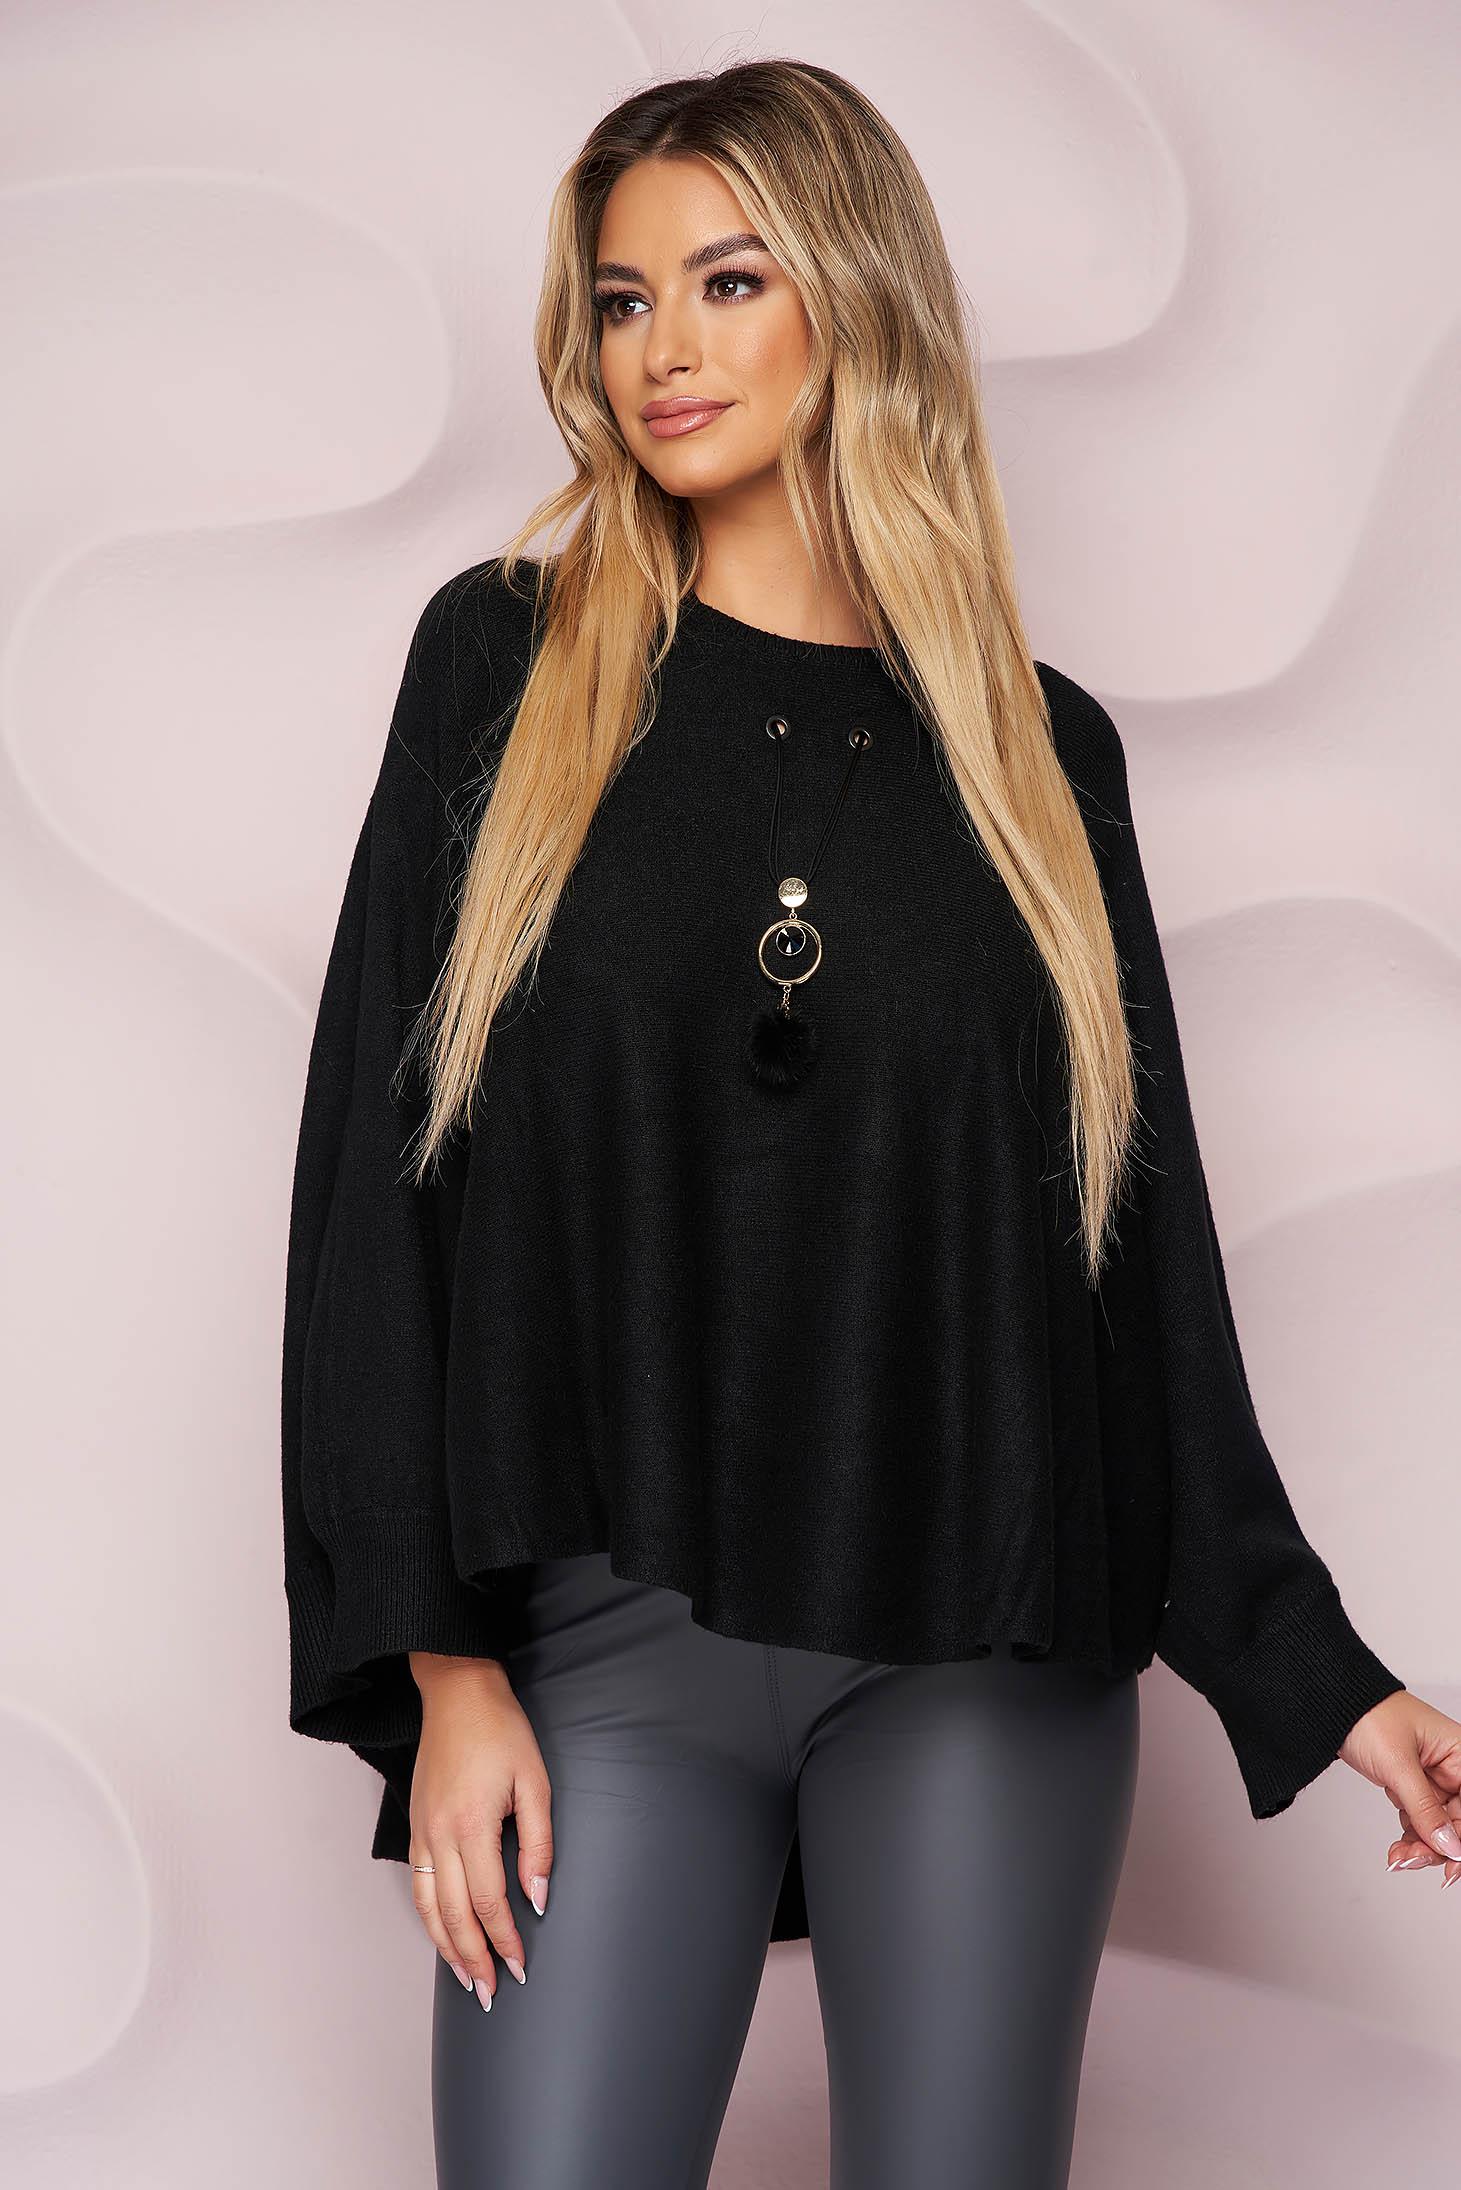 Pulover tip poncho SunShine negru casual cu croi larg din material tricotat si elastic si accesoriu tip colier